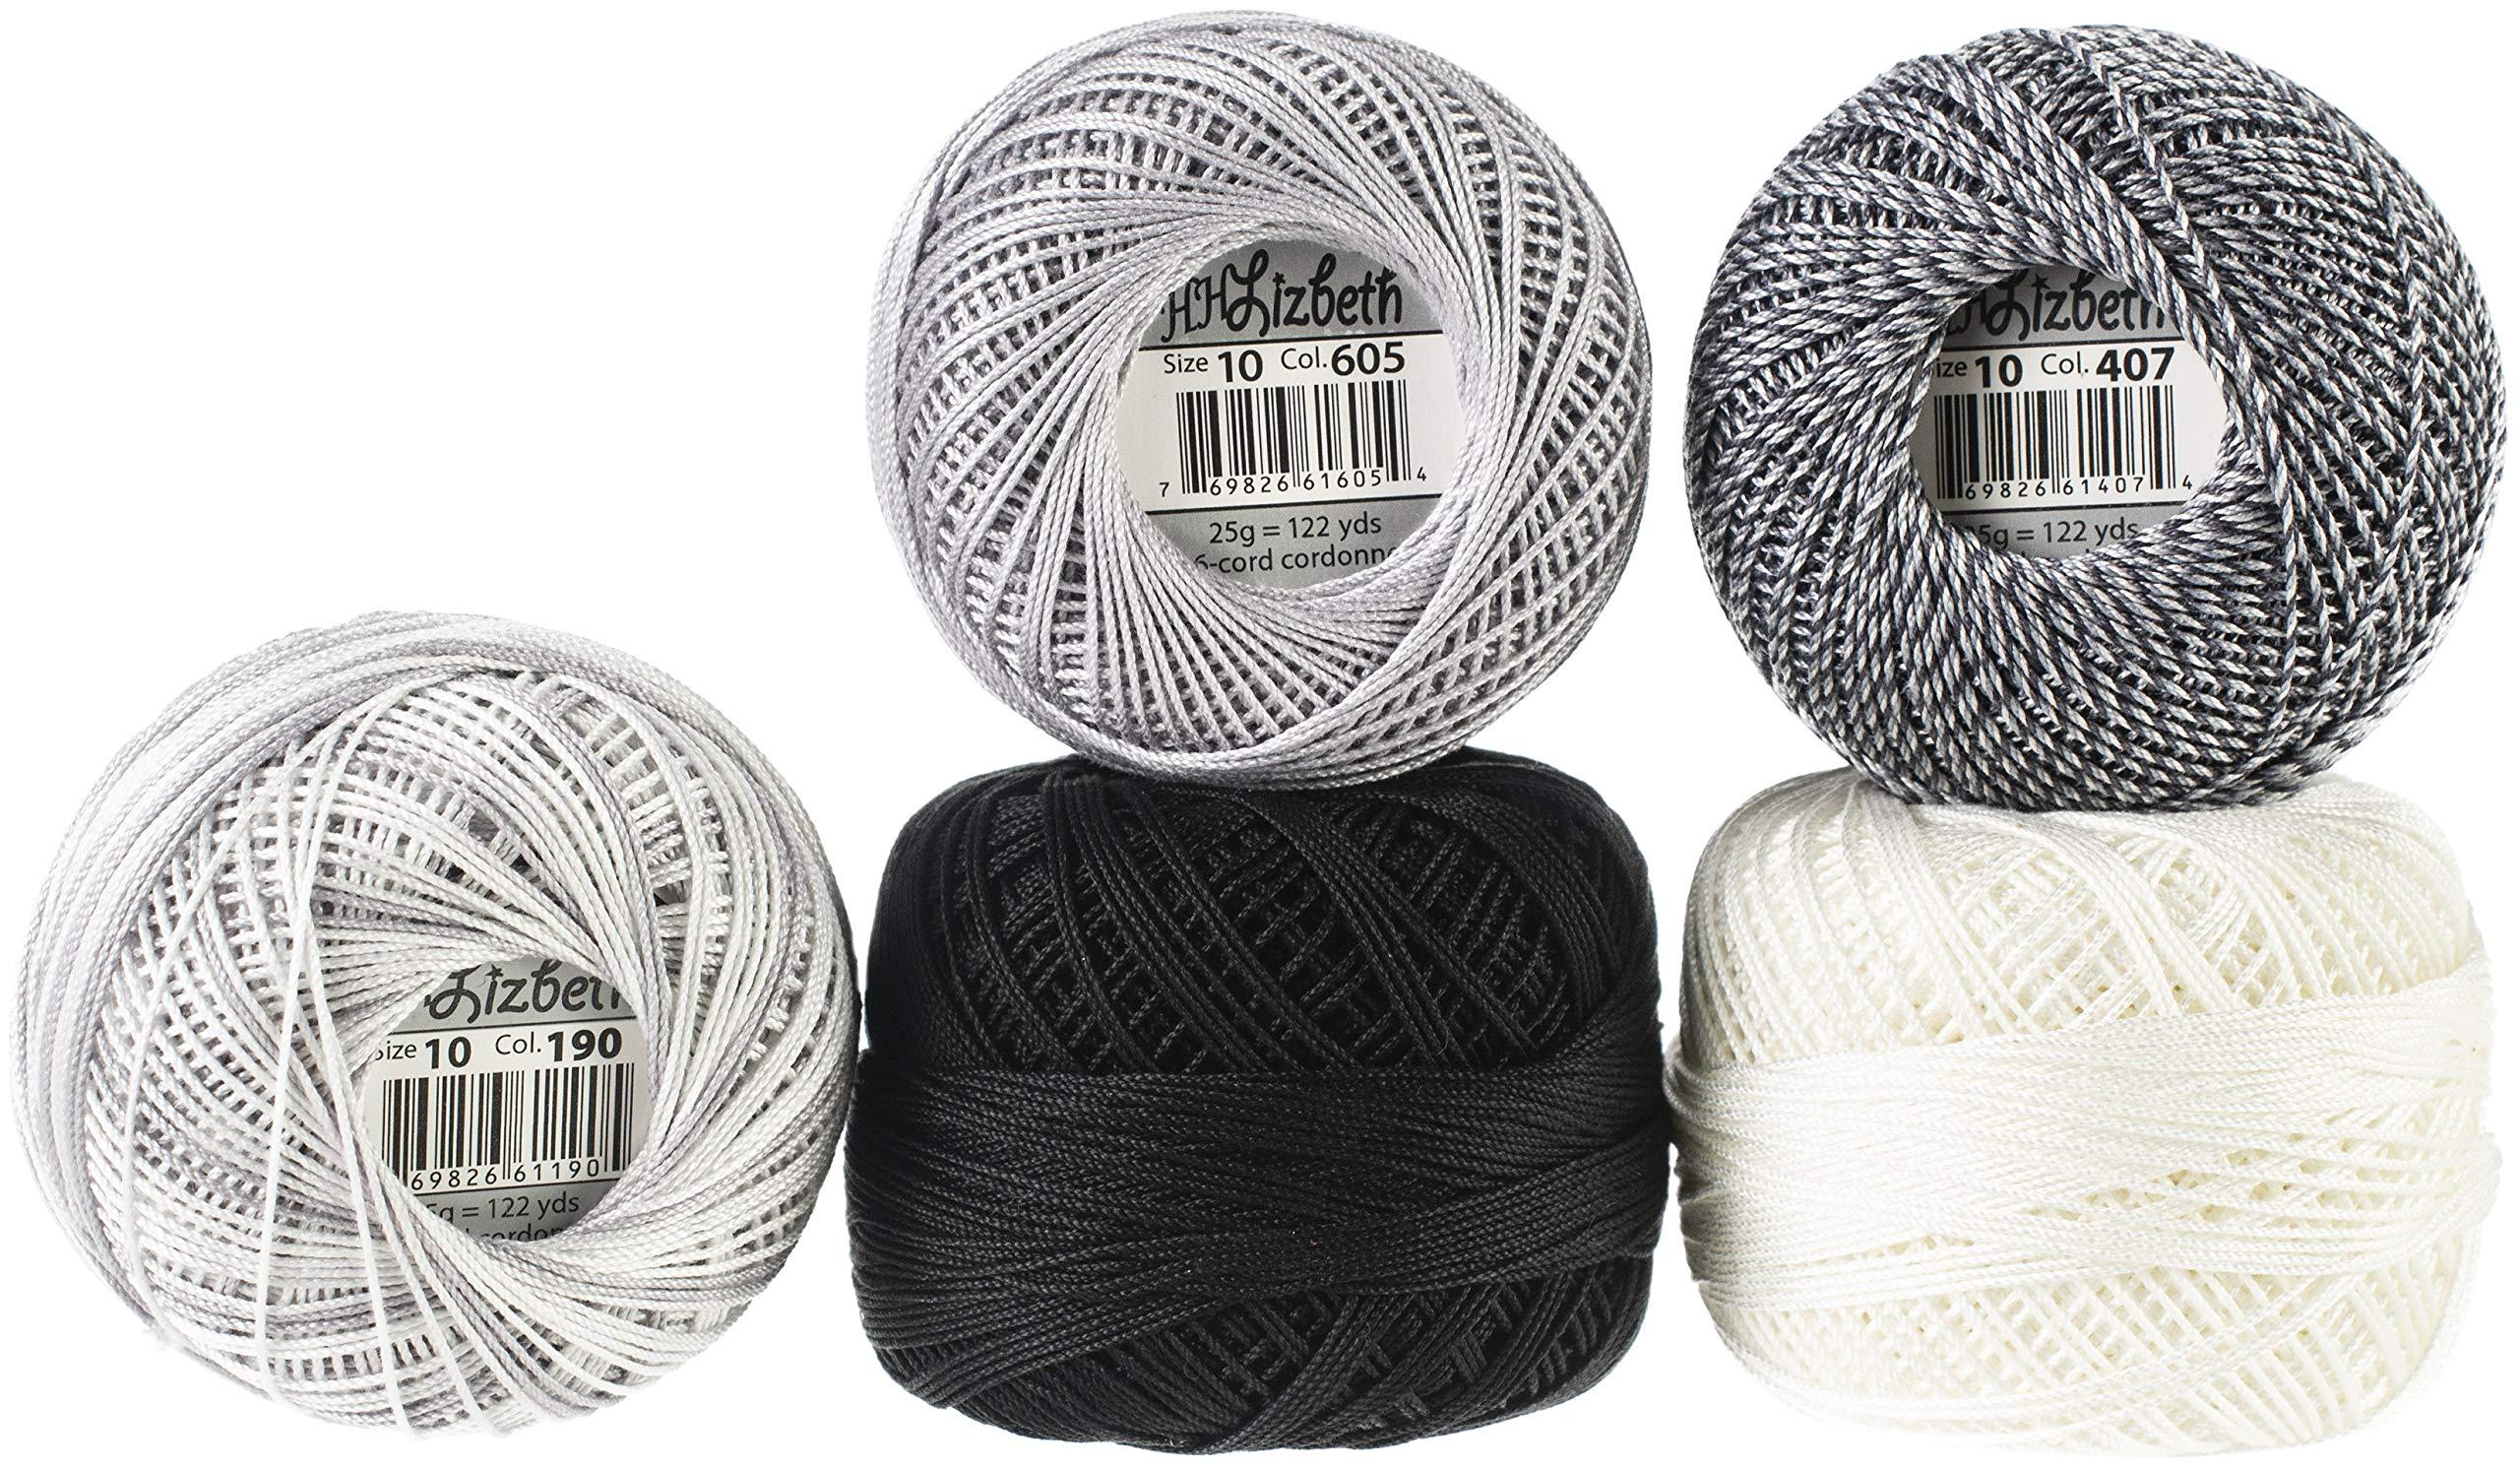 Handy Hands Lizbeth Specialty Pack Cordonnet Cotton Size 10-silver Clouds 5/pkg